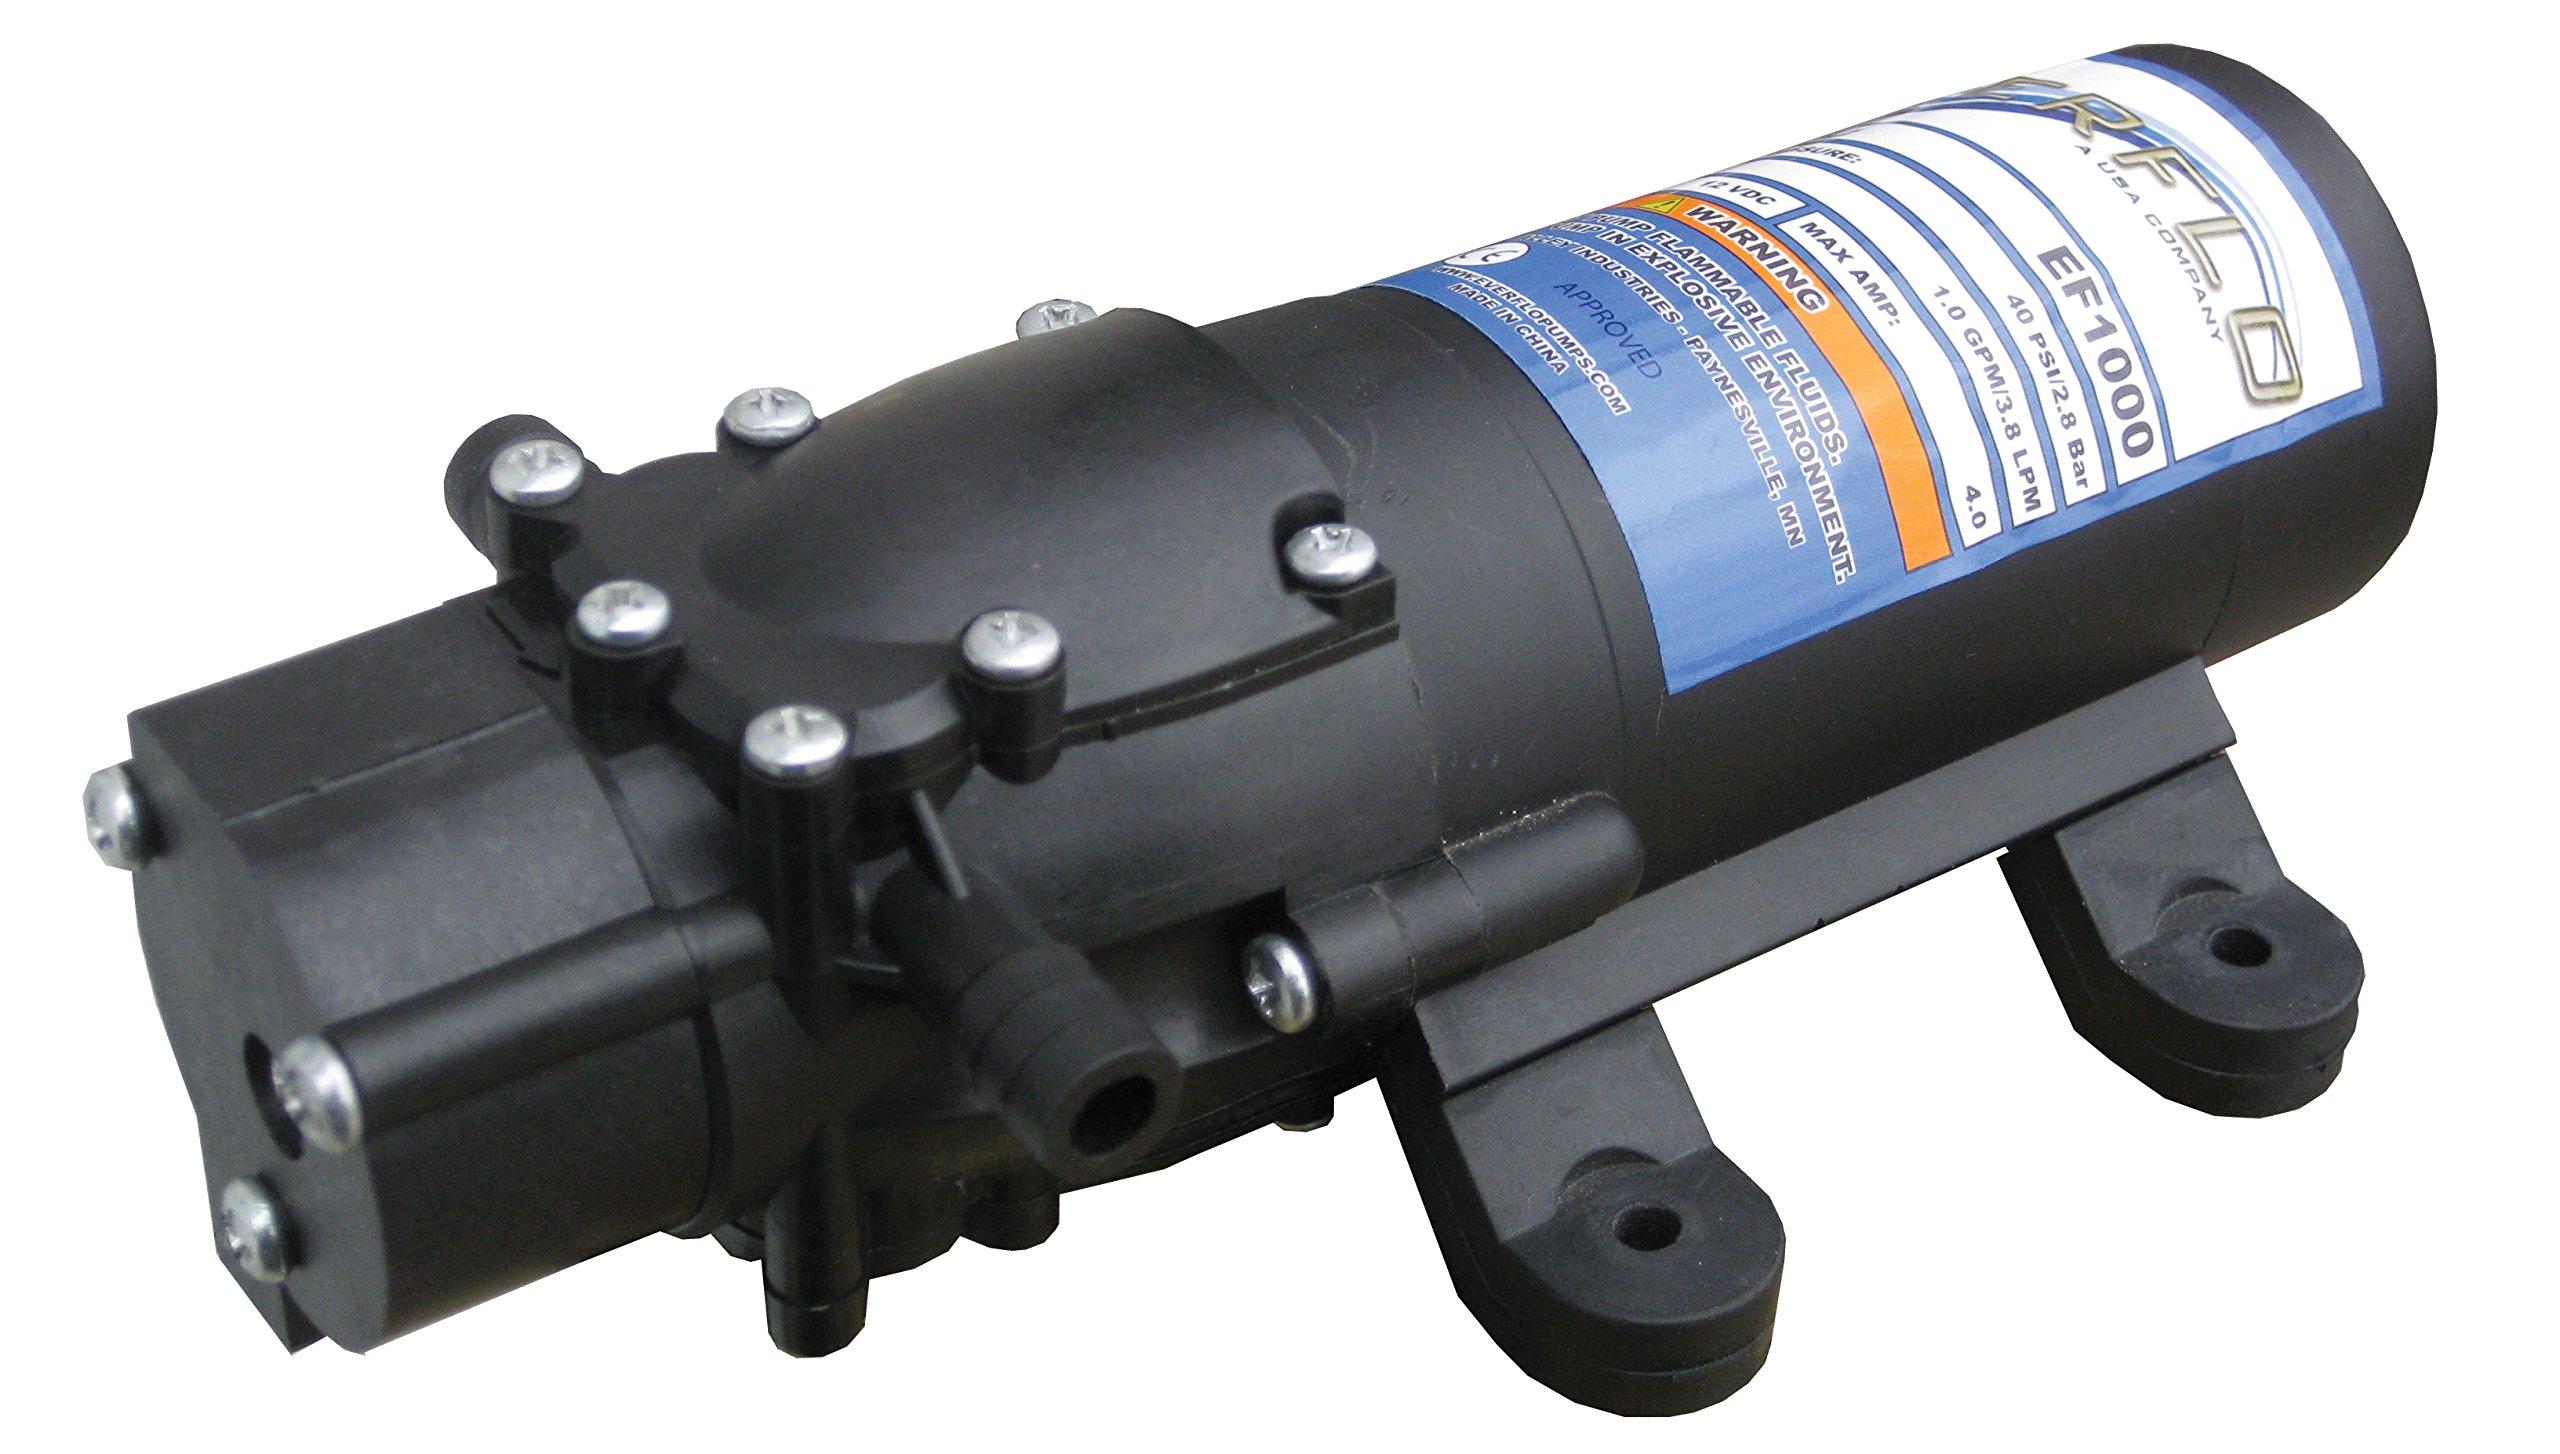 Everflo 1.0 GPM 12V Diaphragm Pump with 3/8'' Hose Barb Ports